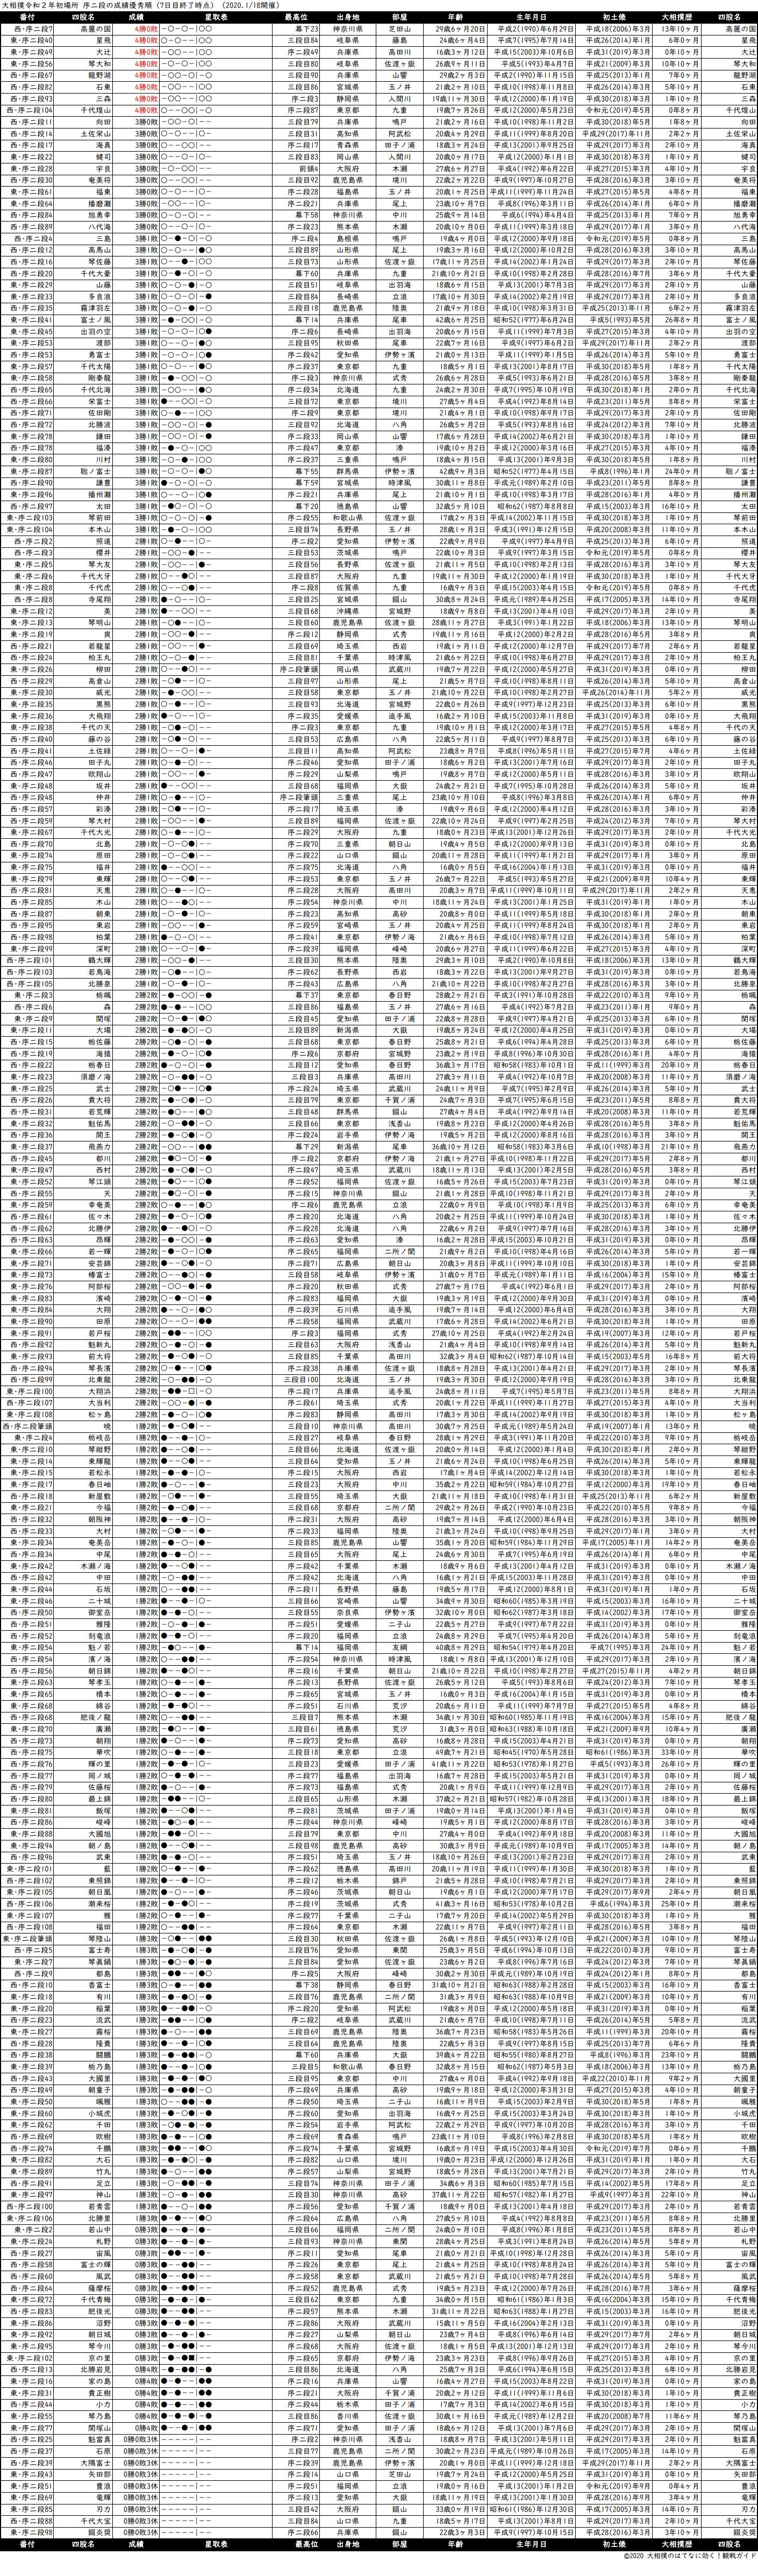 序二段成績順一覧表・2020年1月場所7日目